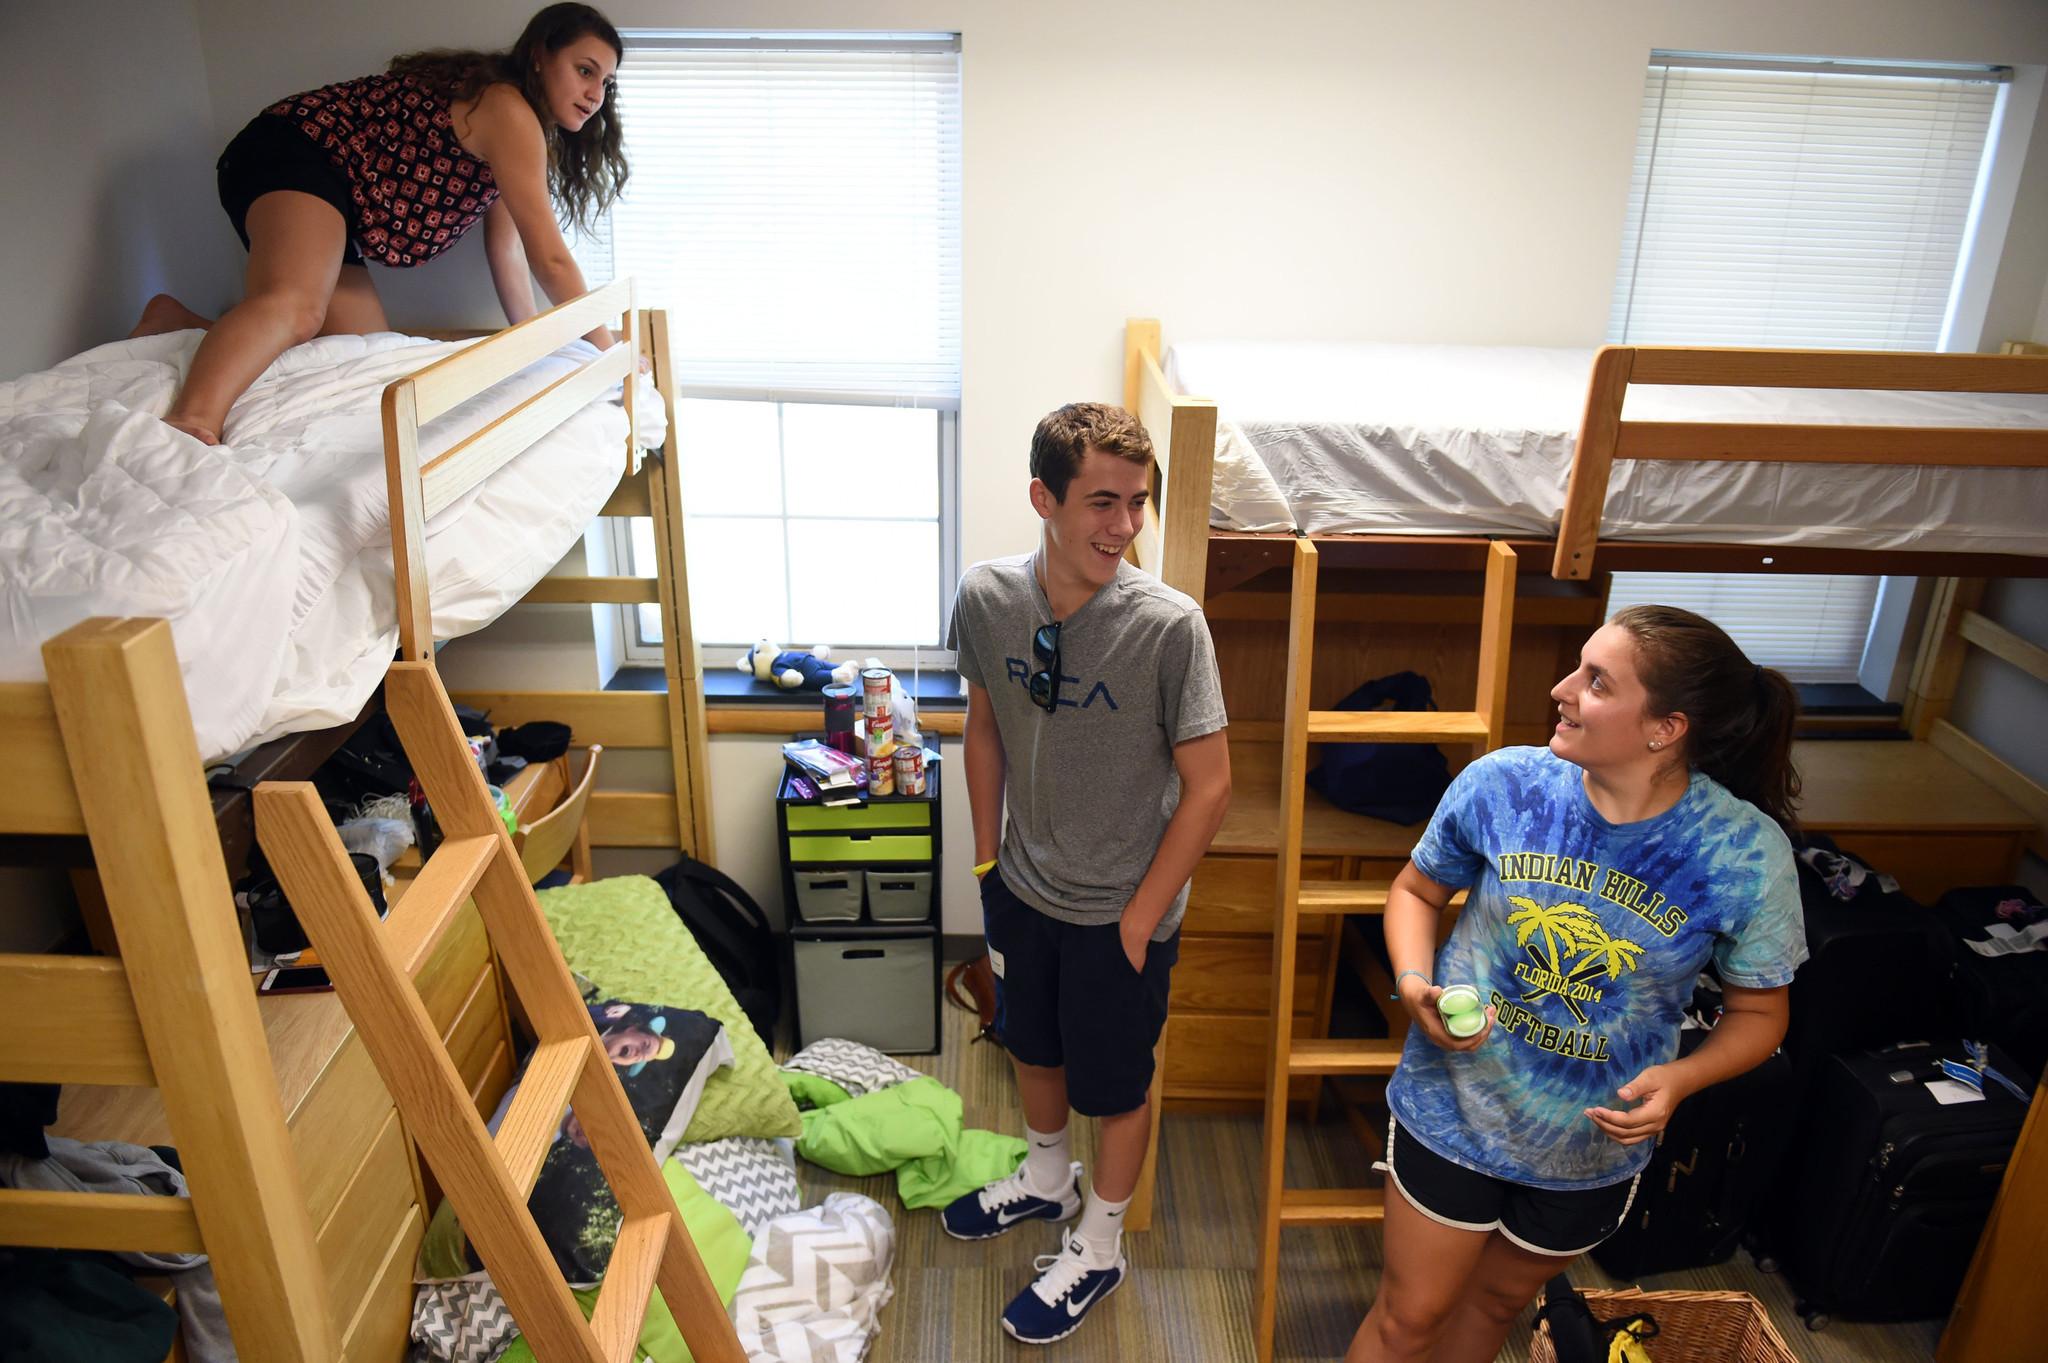 Johns Hopkins Campus Dorms